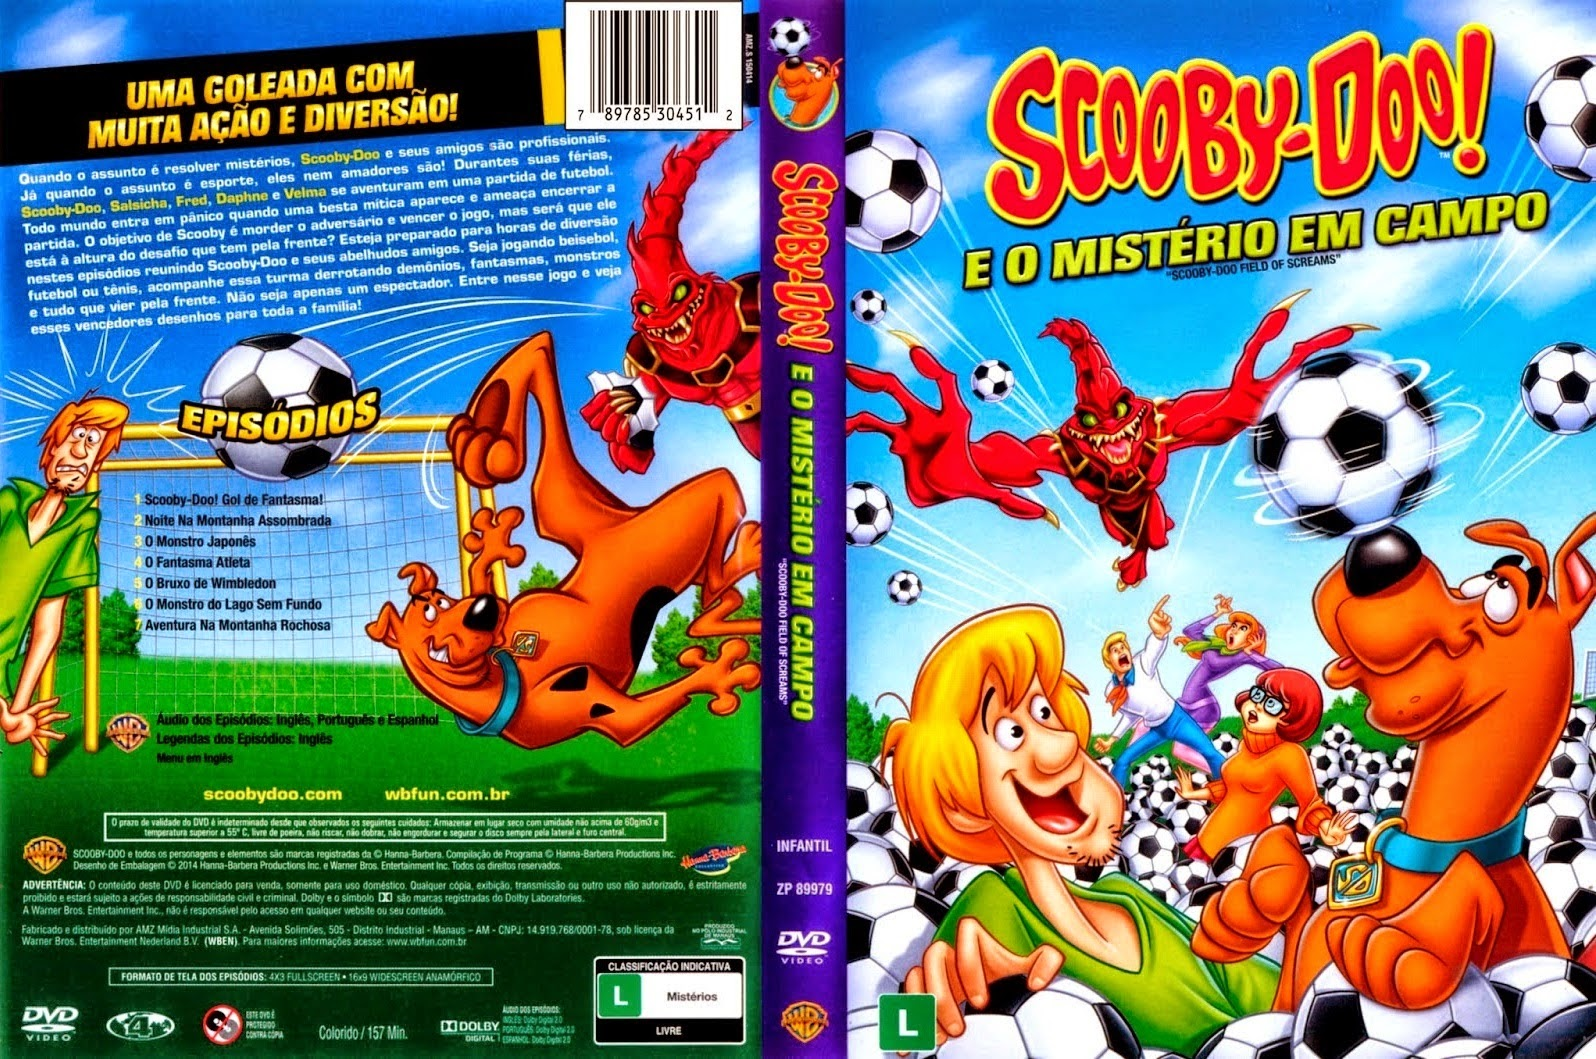 Scooby-Doo e o Mistério em Campo